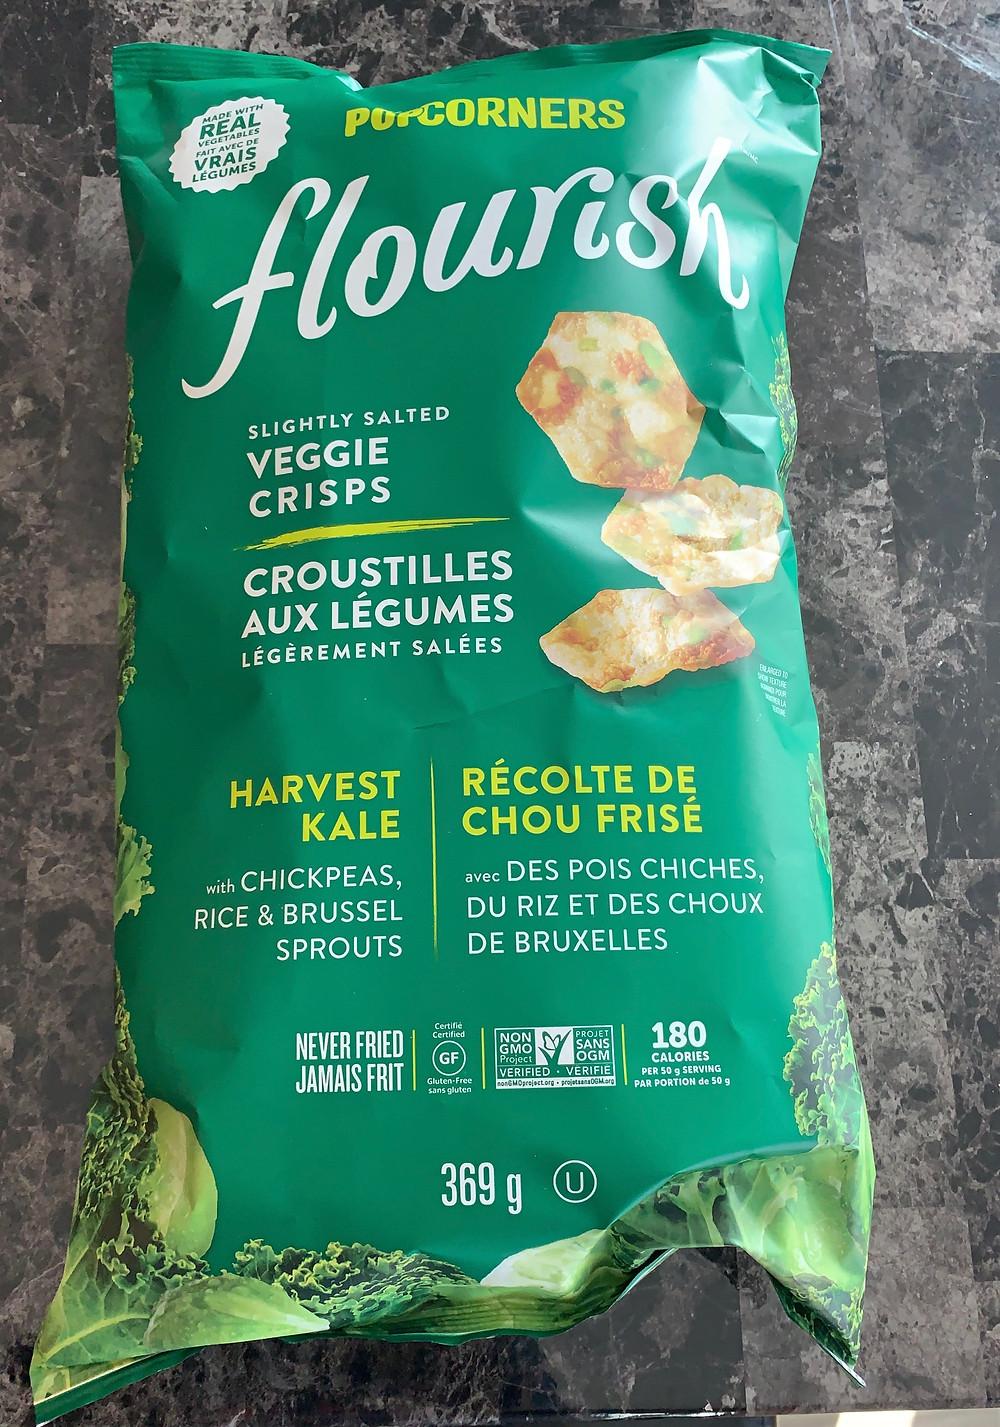 Costco POPCORNERS Flourish Veggie Crisps